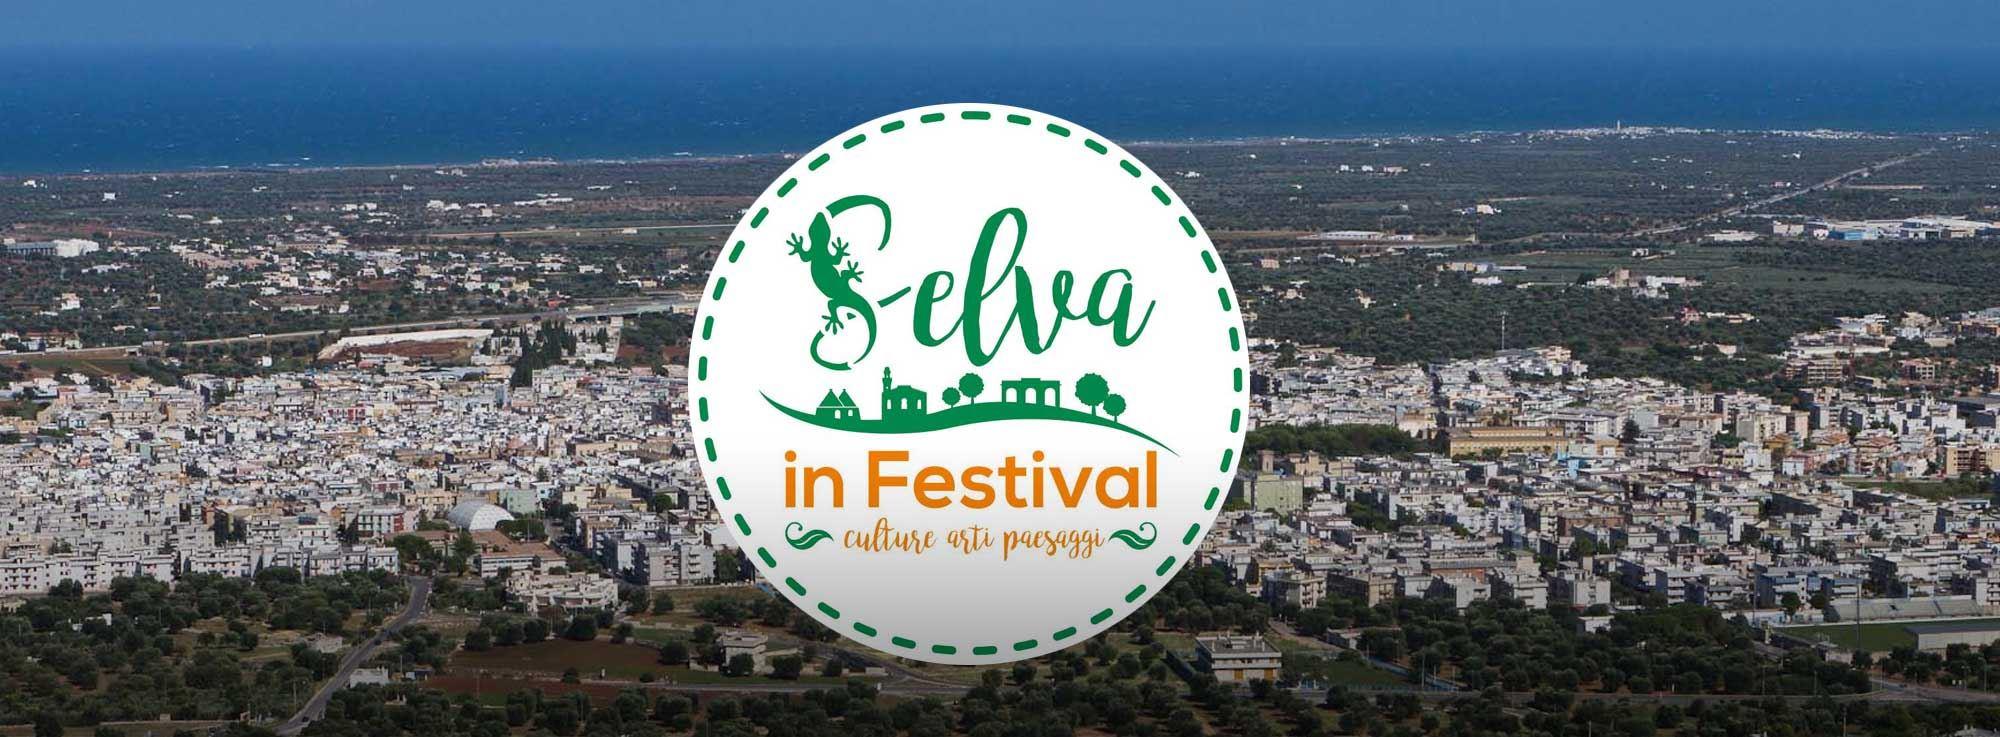 Fasano: Selva In Festival. Culture-Arti-Paesaggi